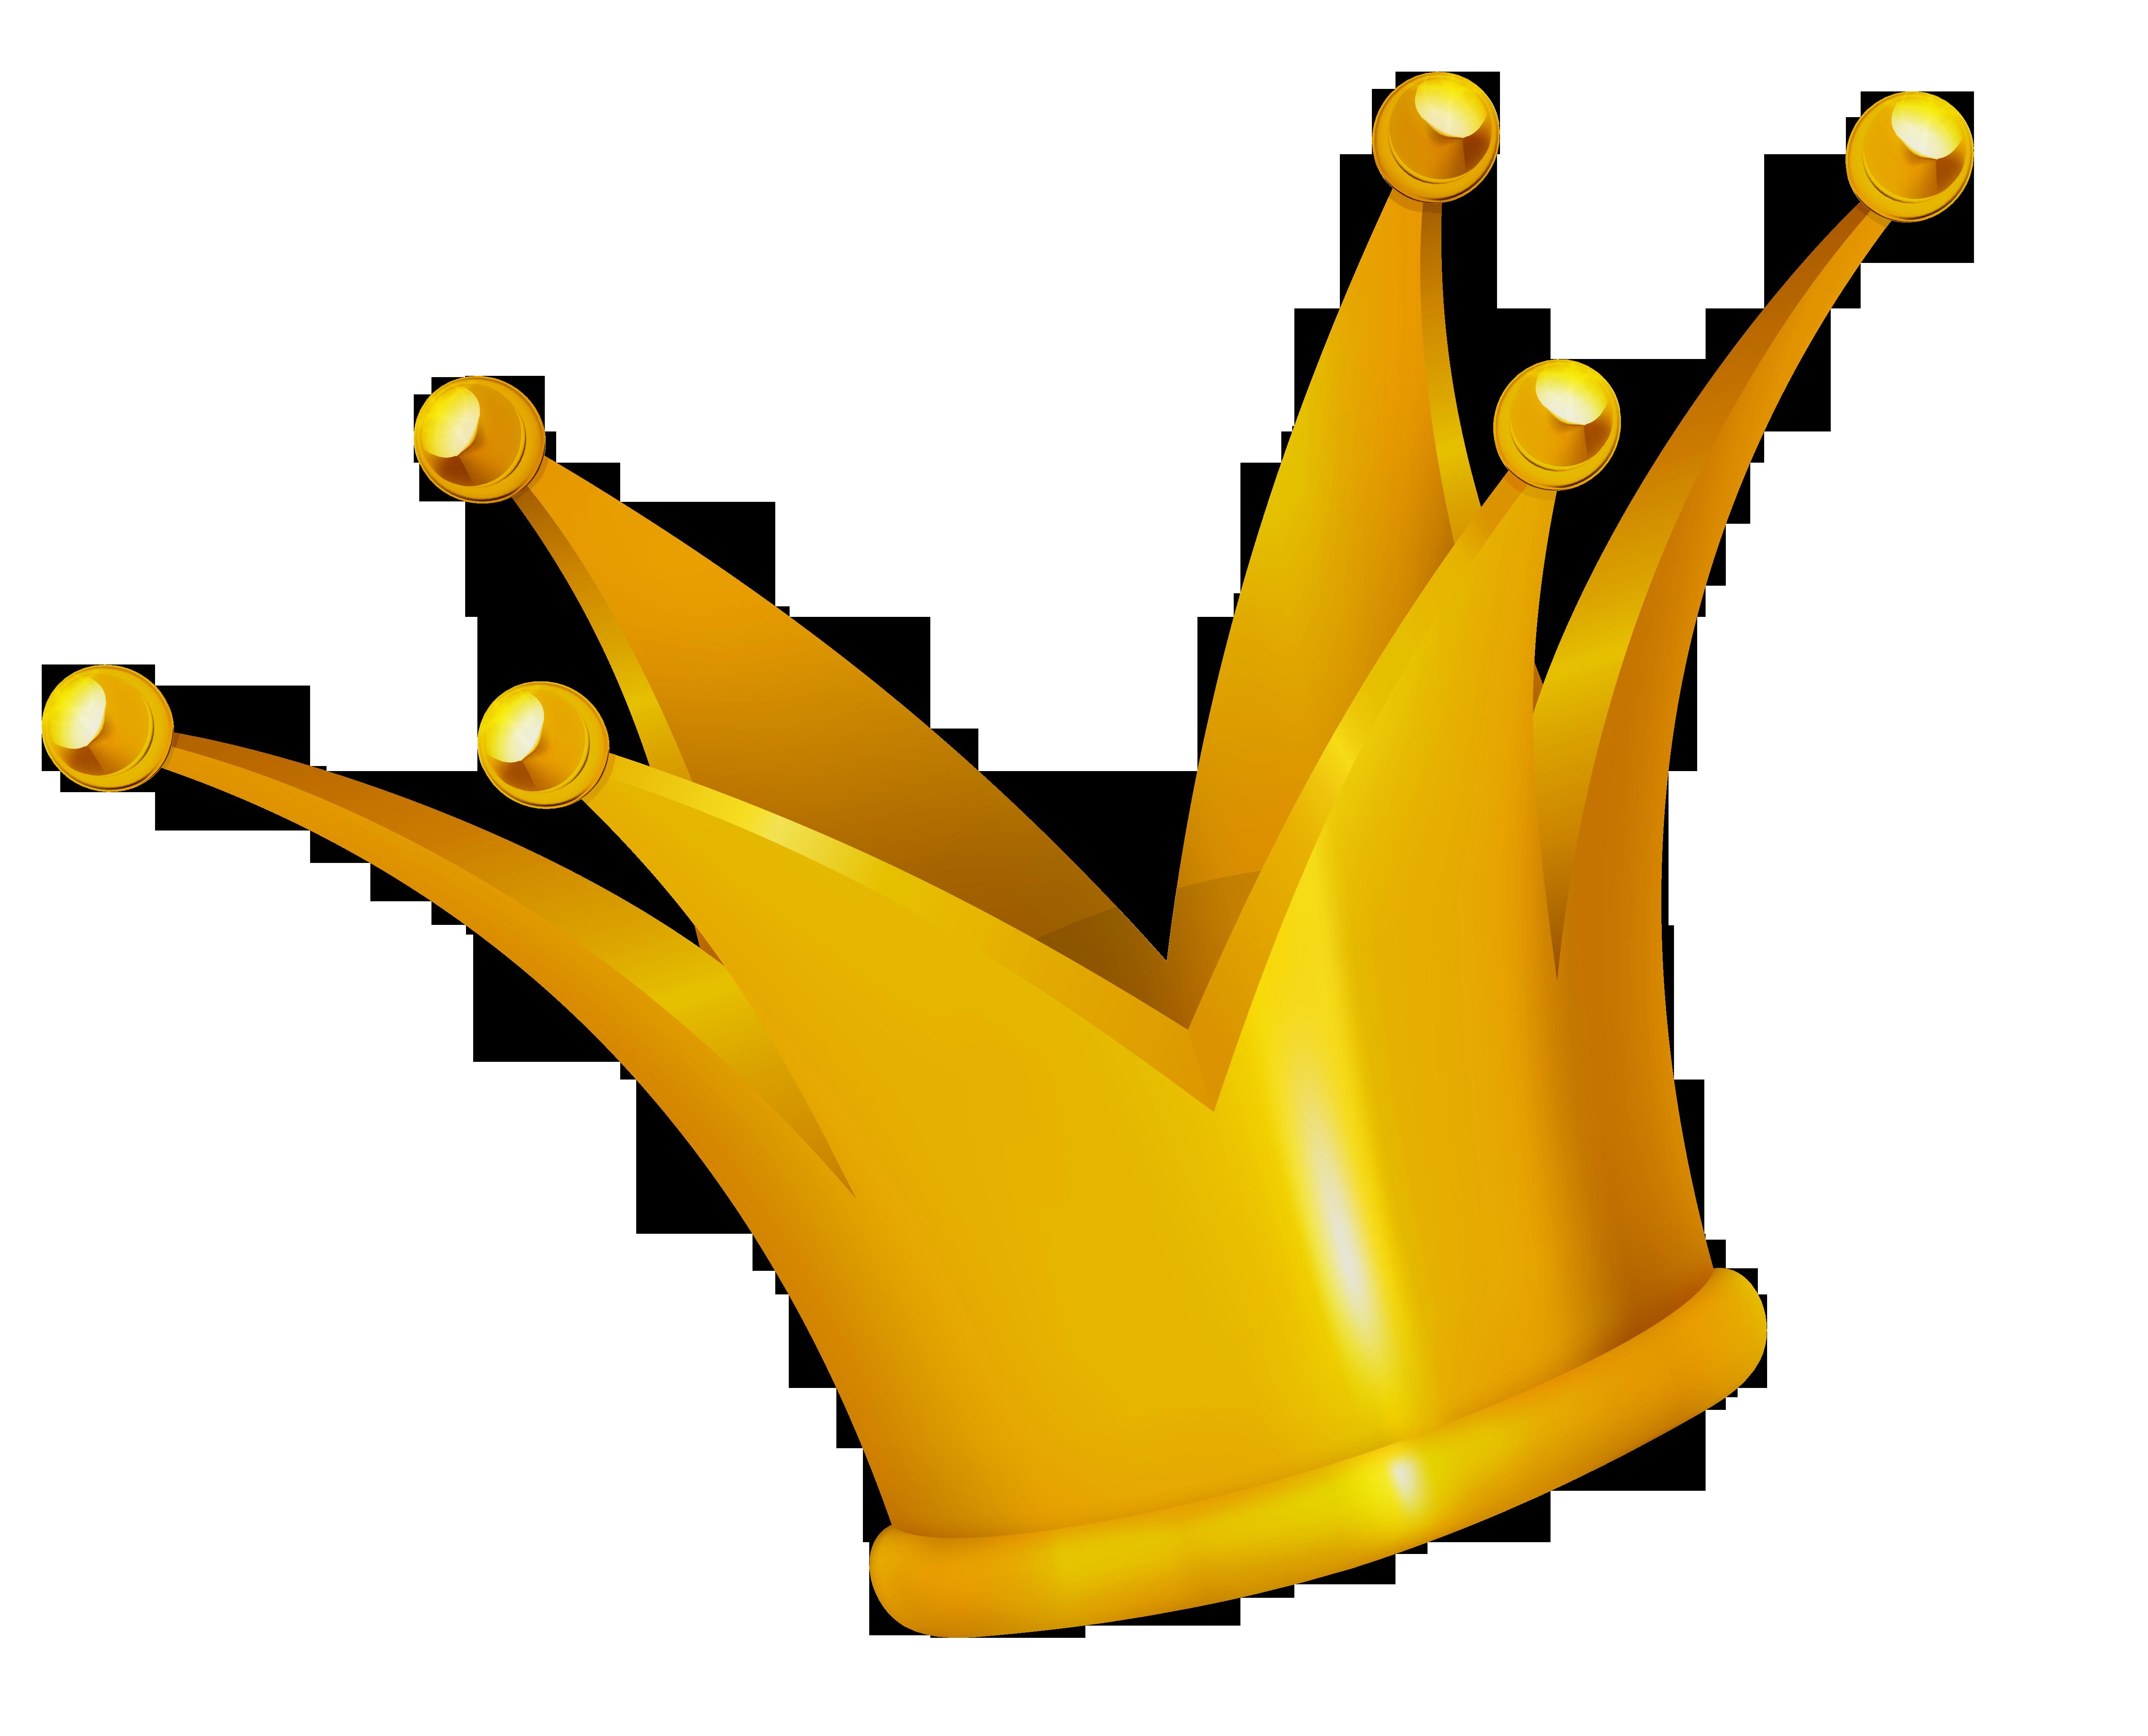 5098x4120 Crown Clipart